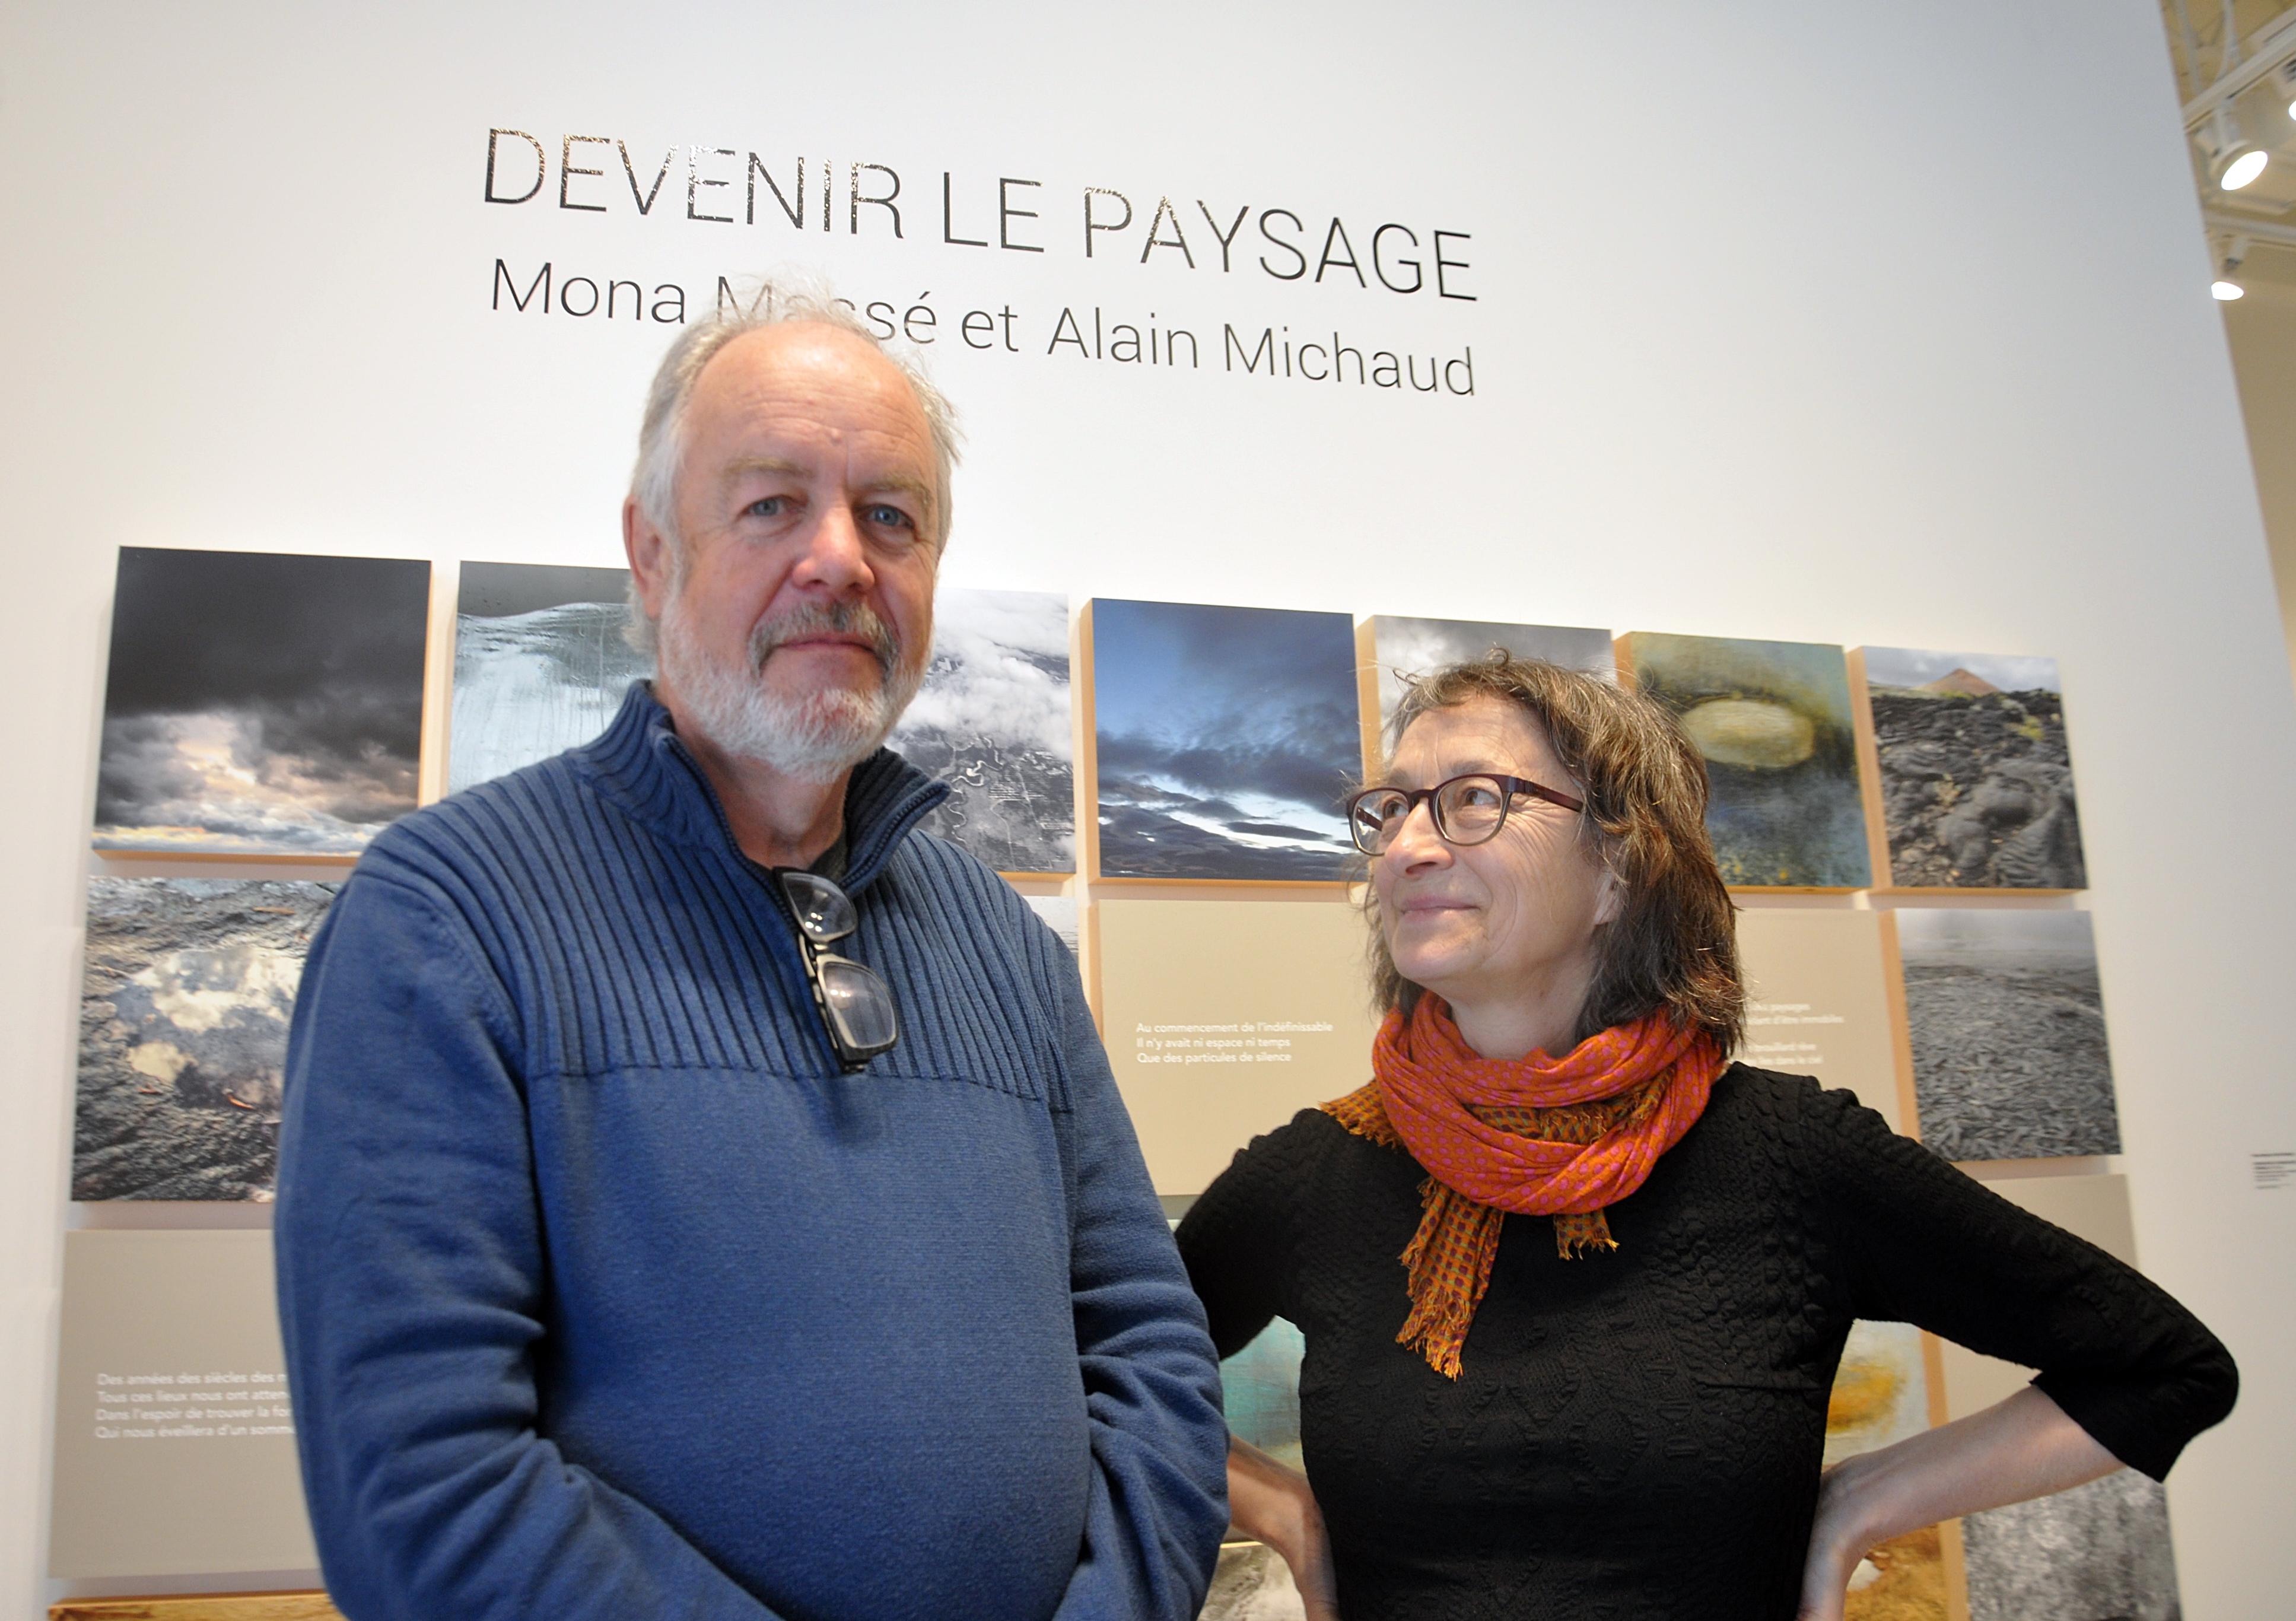 Alain Michaud et Mona Massé